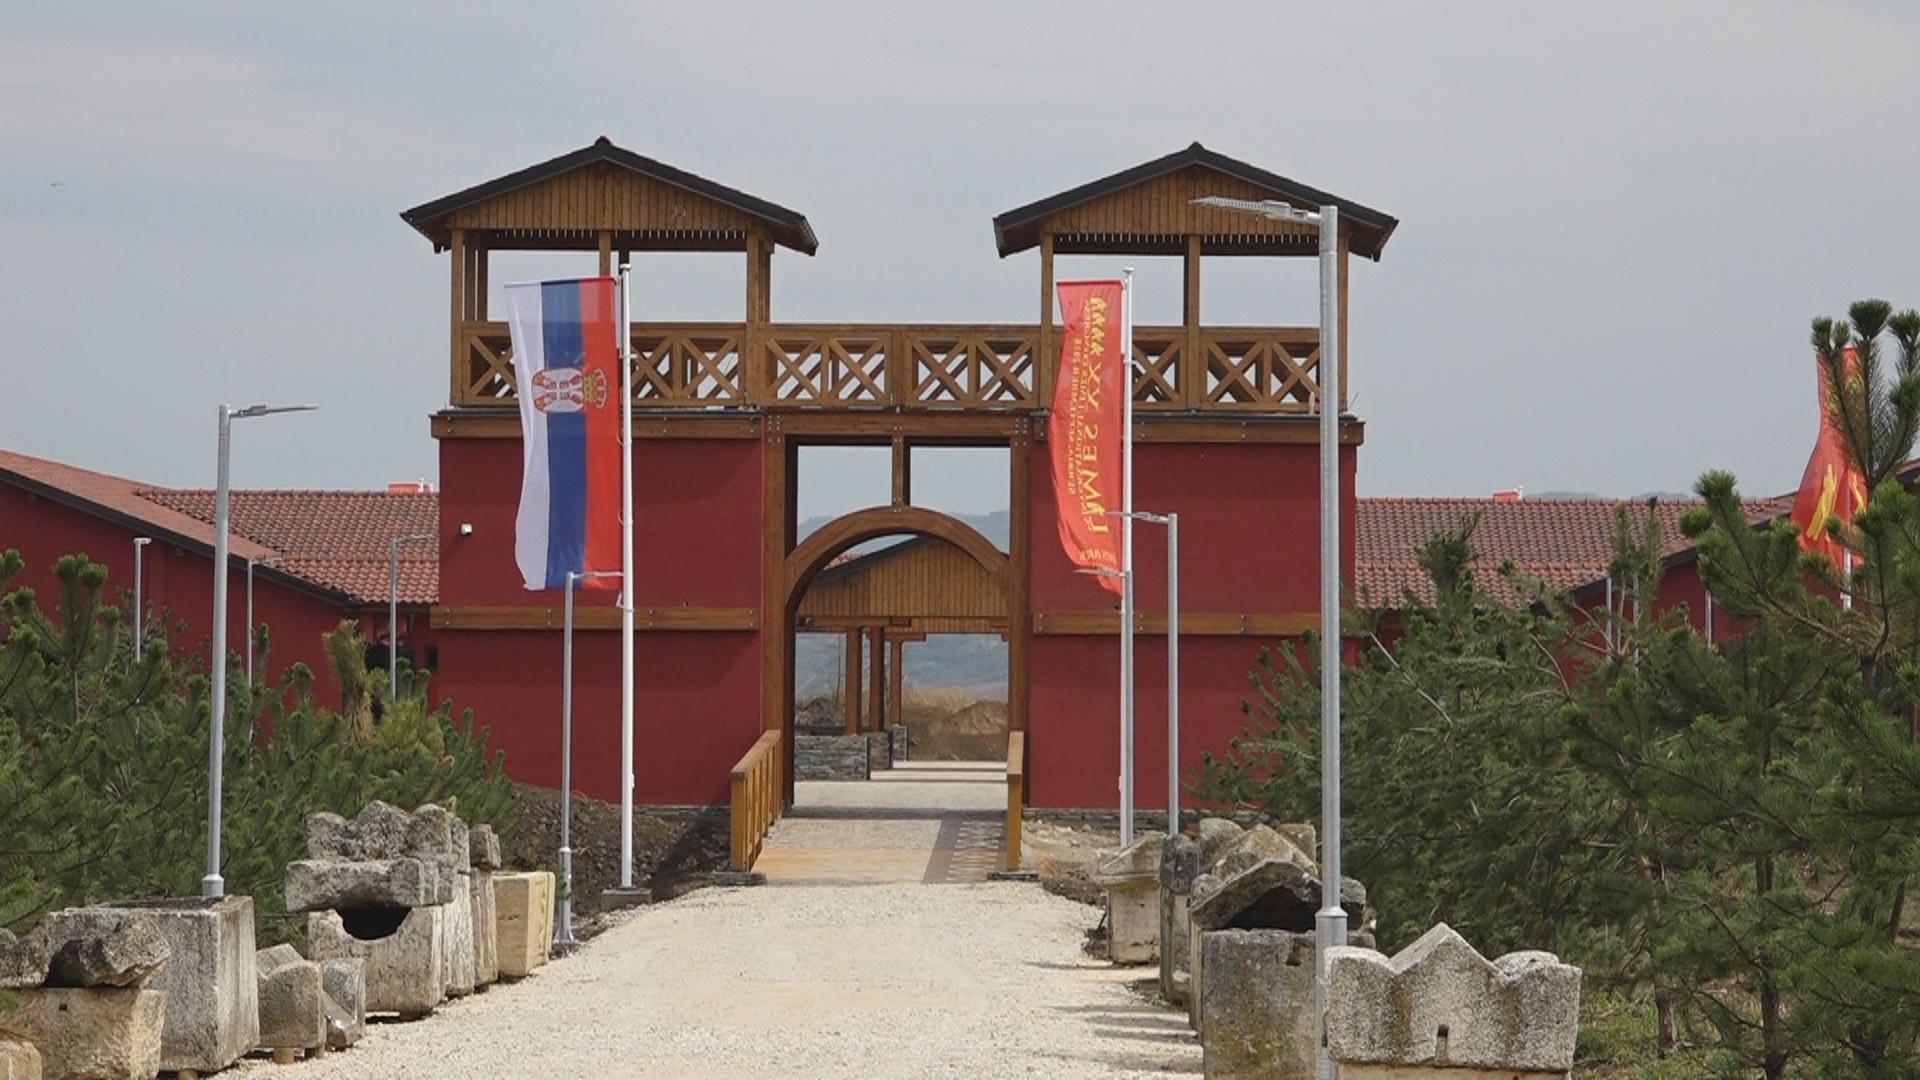 VIMINACIJUM AVANTURA: Letnji kamp za obuku imperatora, učiće mačevanje, streljaštvo, bacanje koplja 16081